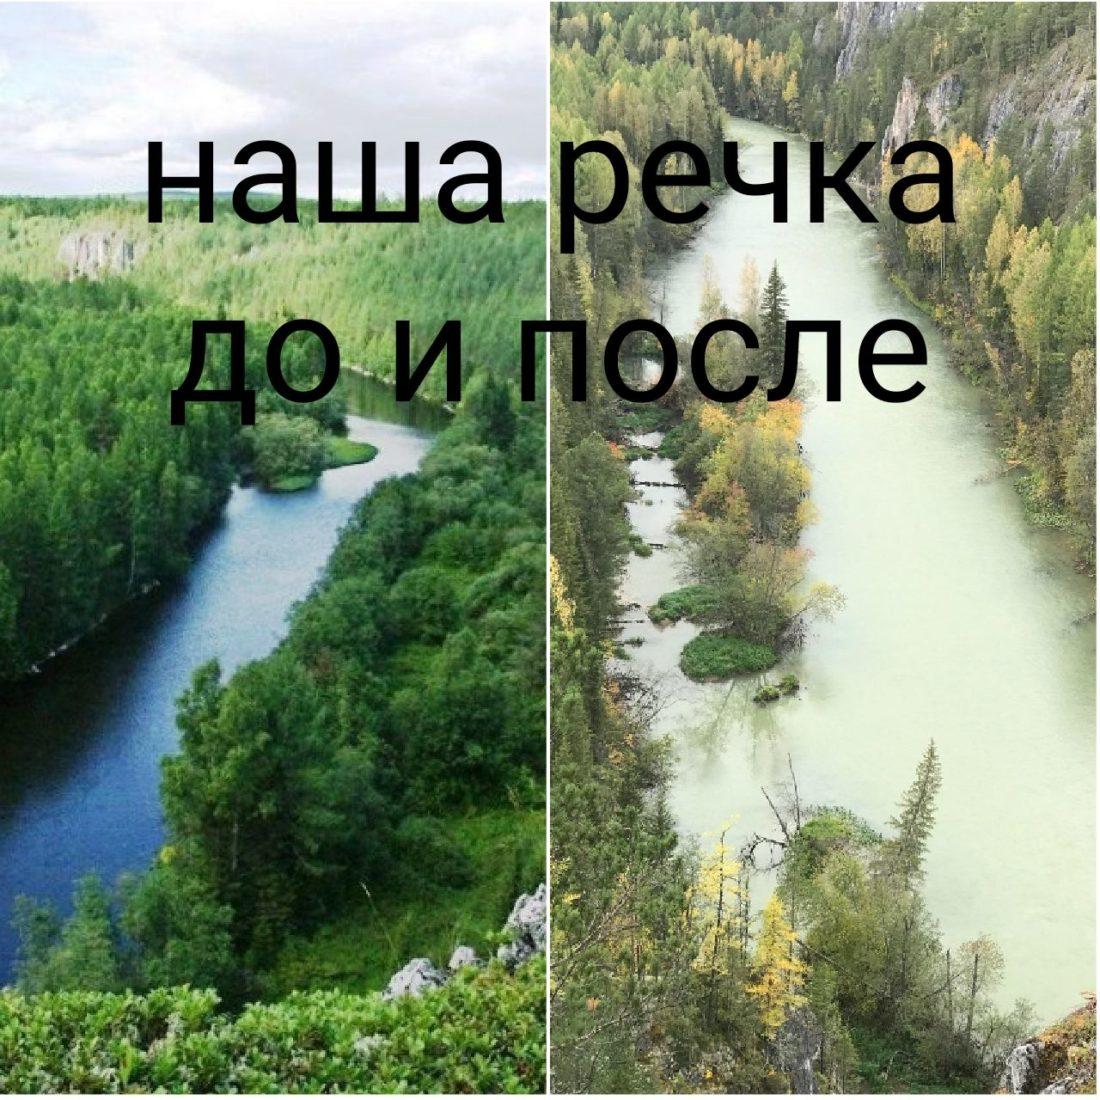 Обращаемся с просьбой принять меры по установлению и устранению очагов загрязнения реки!